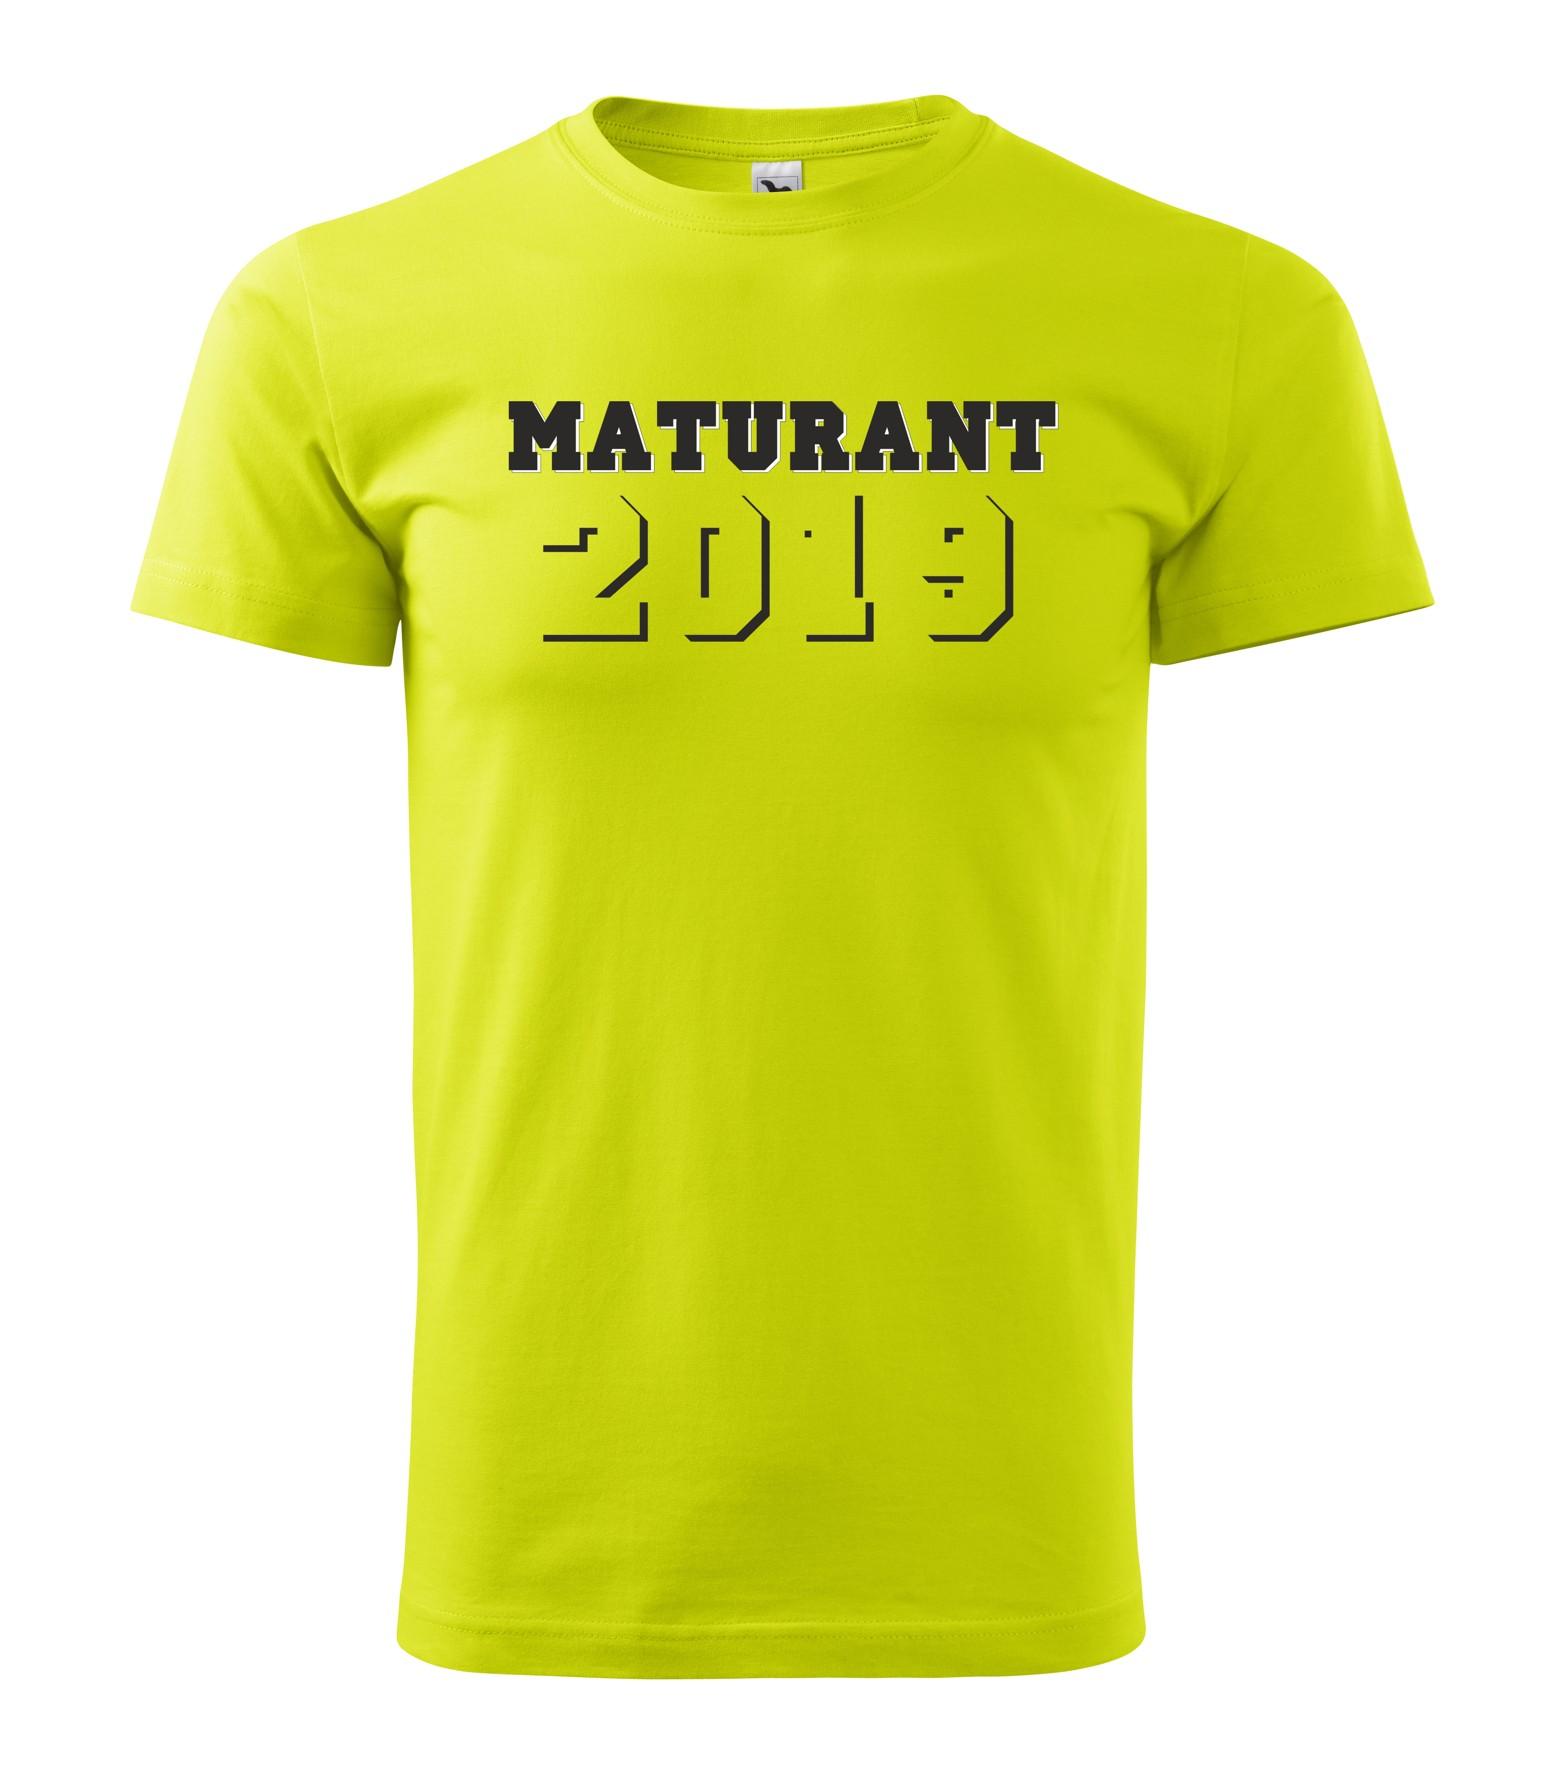 ... maturitě  Právě pro Vás máme nabídku originálních absolventských triček.  Vytvořte si třídní tričko podle Vašich představ. Prohlédněte si návrhy na  ... ed0780f776